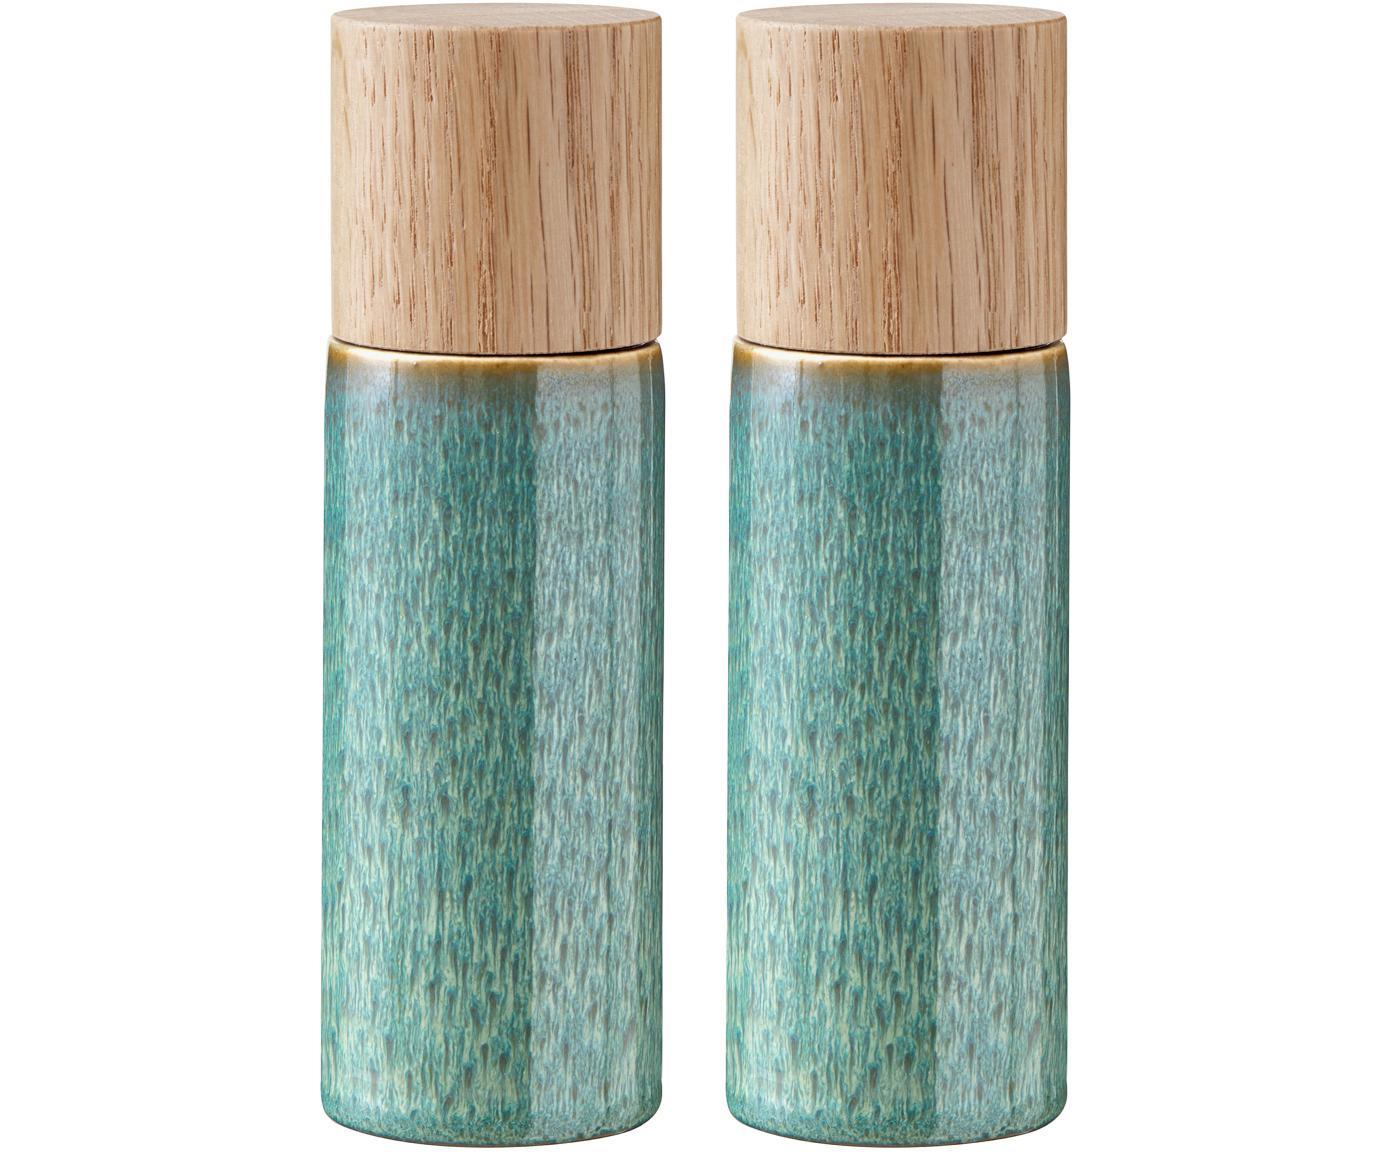 Set macina spezie Bizz 2 pz, Coperchio: legno di quercia, Verde, beige, legno, Ø 5 x Alt. 17 cm